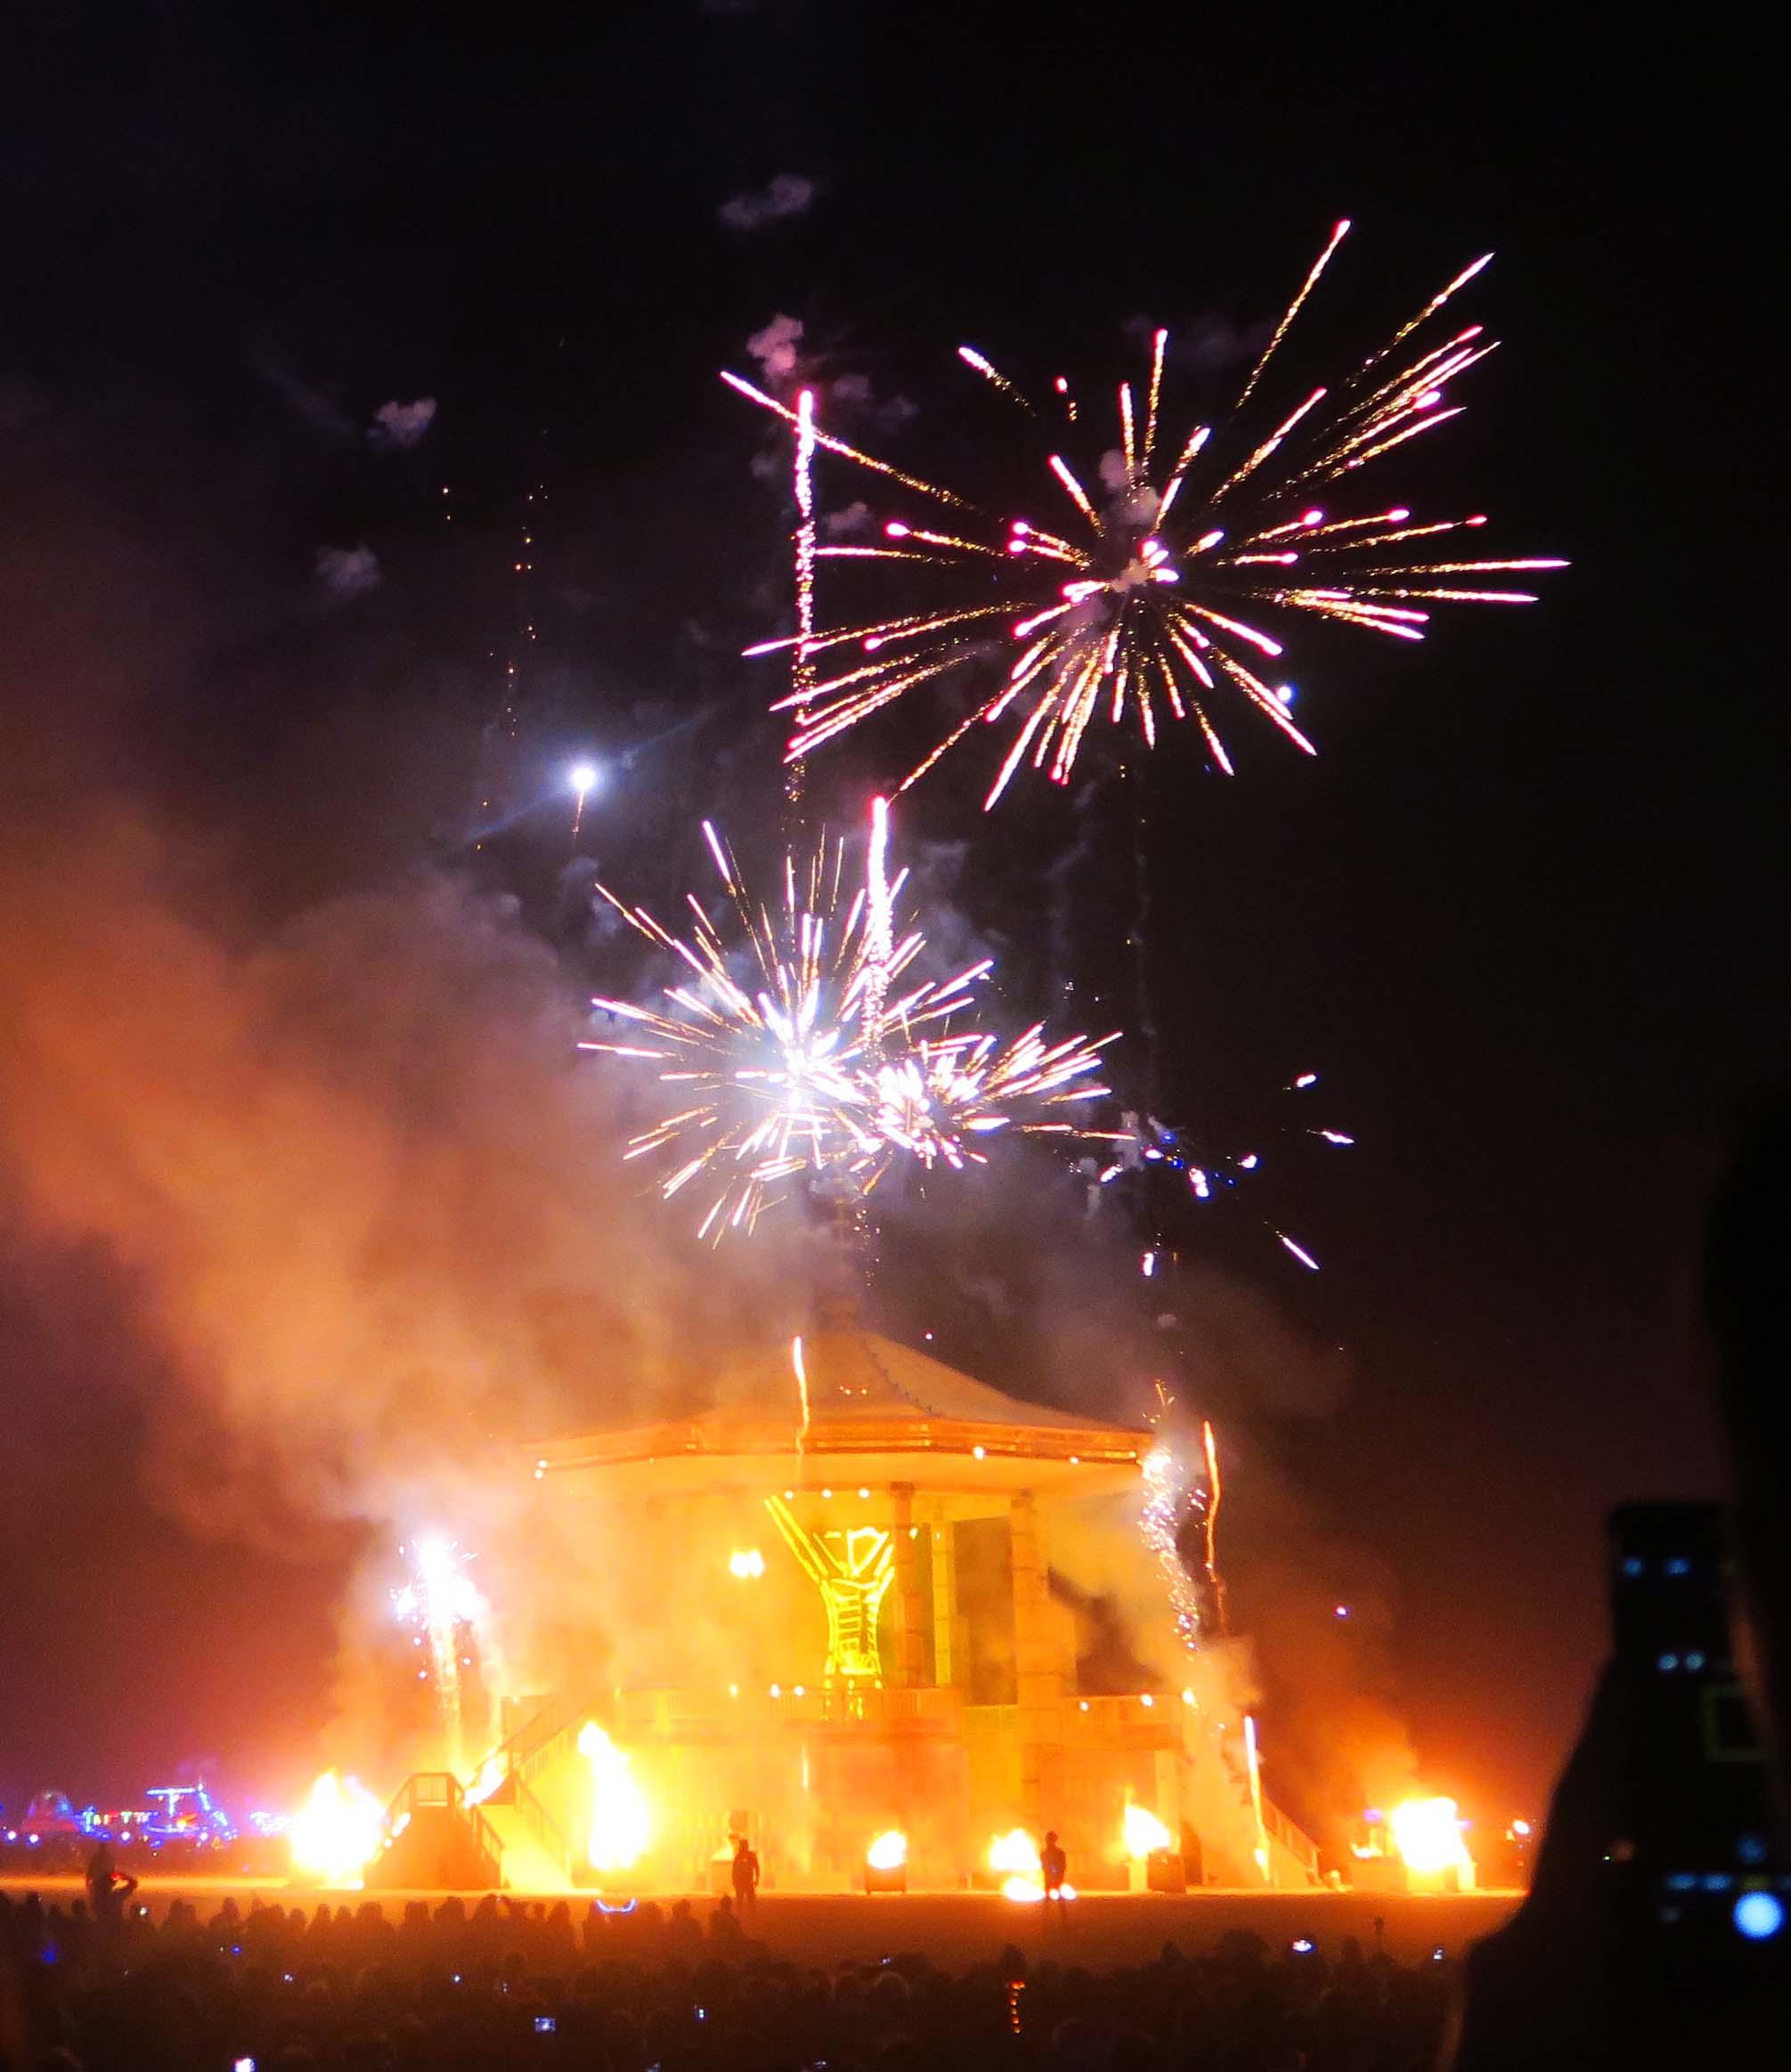 Fireworks on Burn night 4, Burning Man 2017